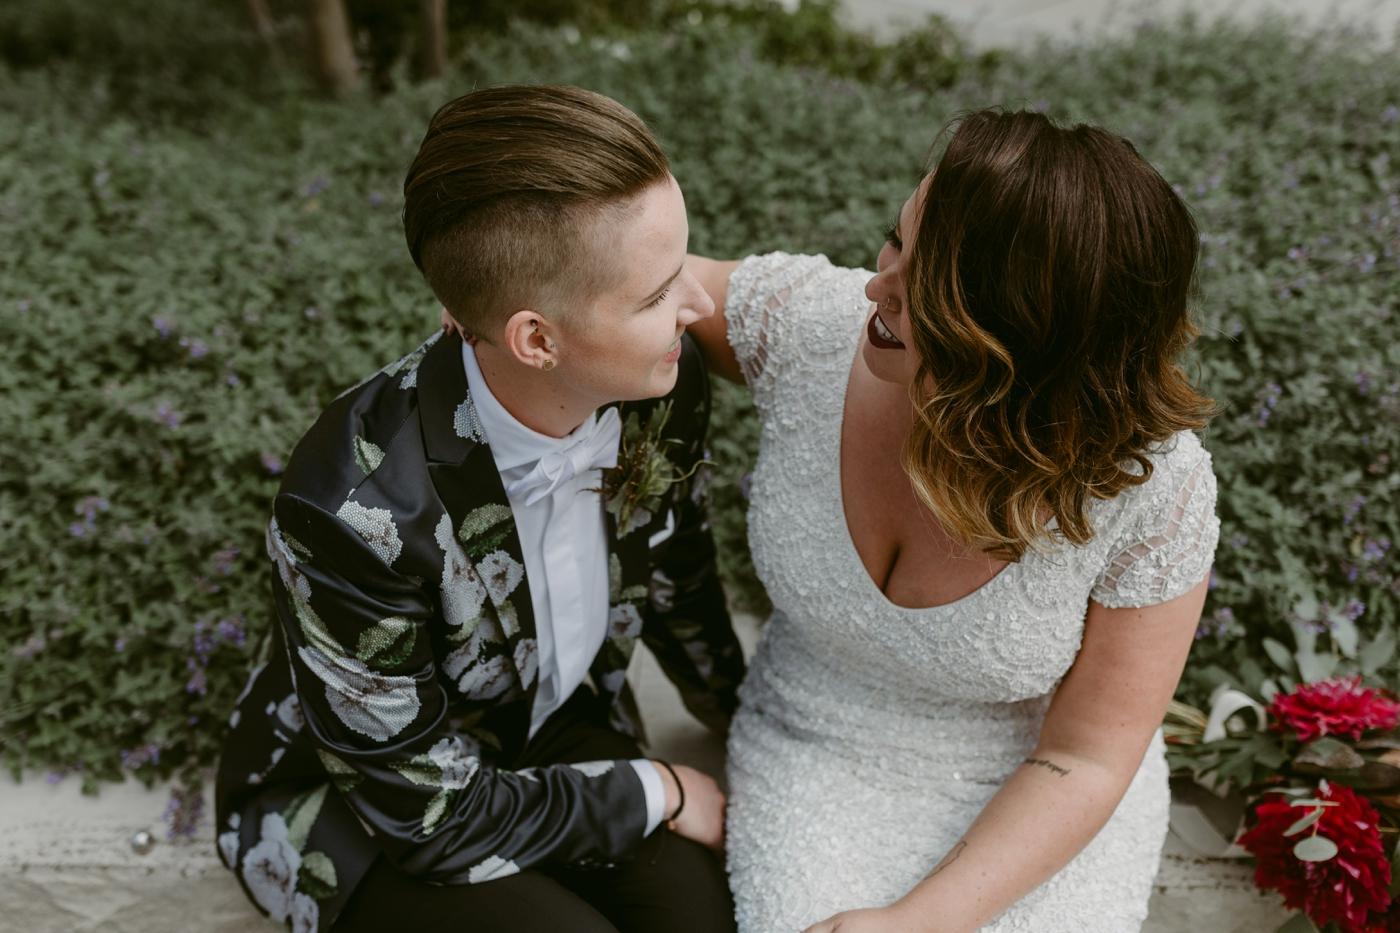 Buffalo-Wedding-Babeville-NY-Courtney+Liz_MJPHOTO-155.jpg